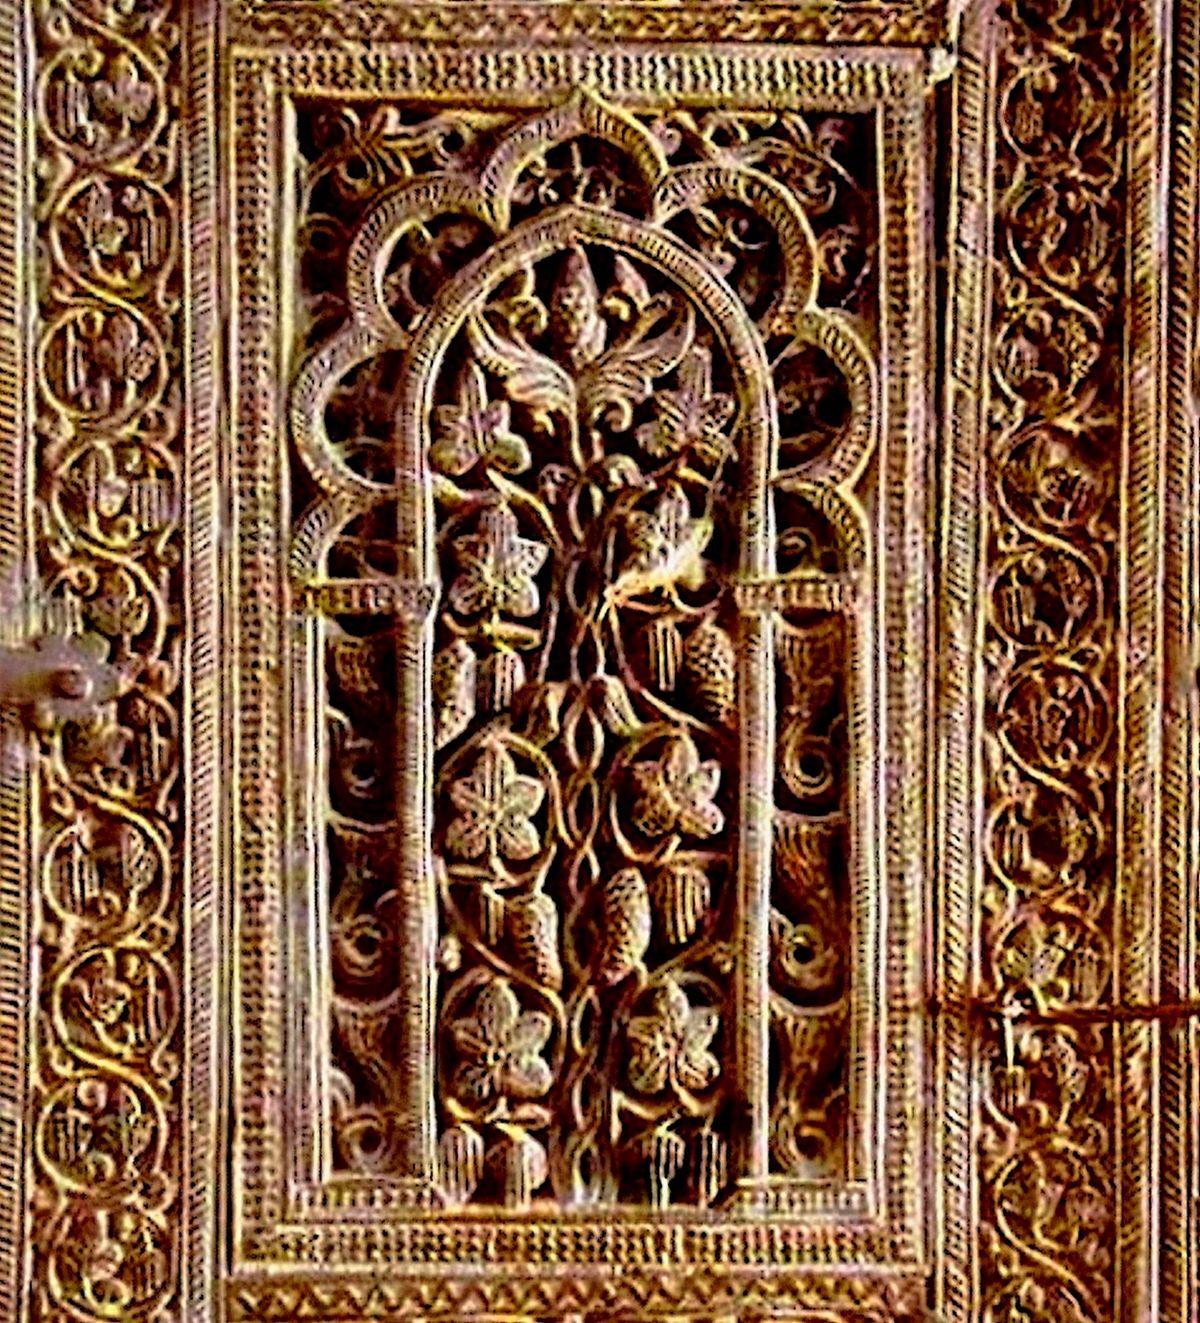 Sculpture sur bois wikip dia - Sculpture sur bois motifs ...